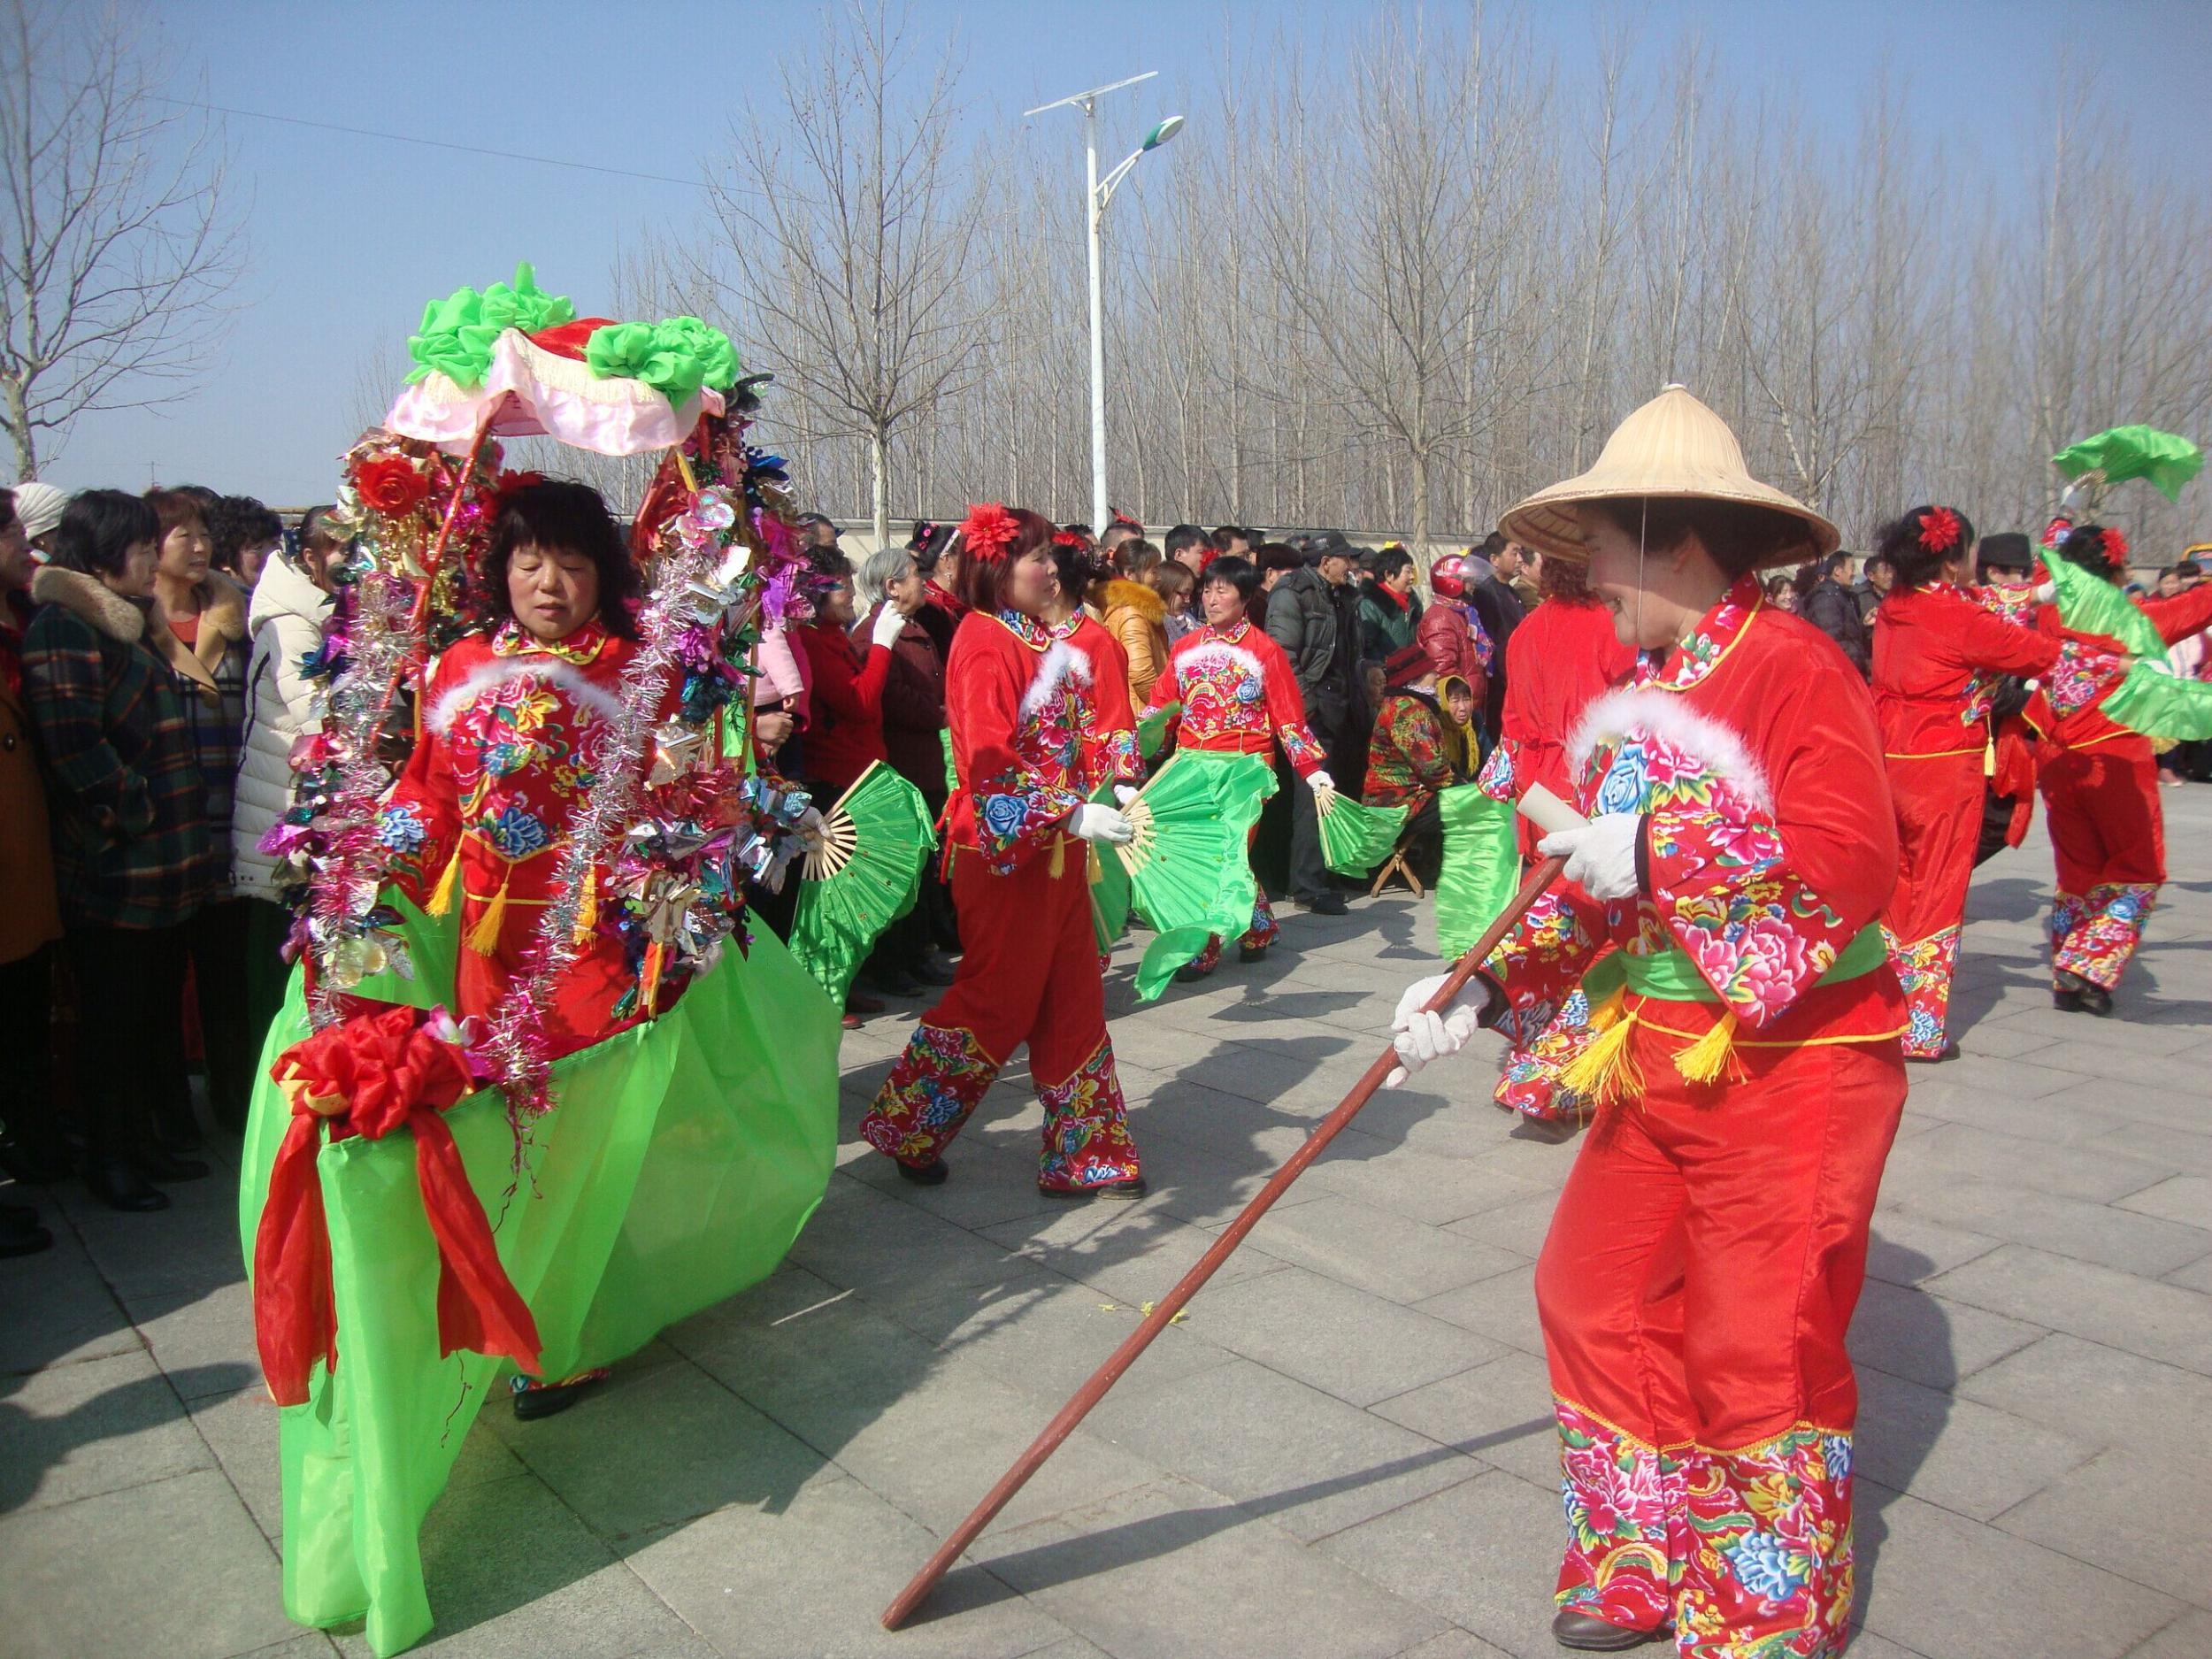 莱州市郭家店镇举办全镇庆新春秧歌汇演活动